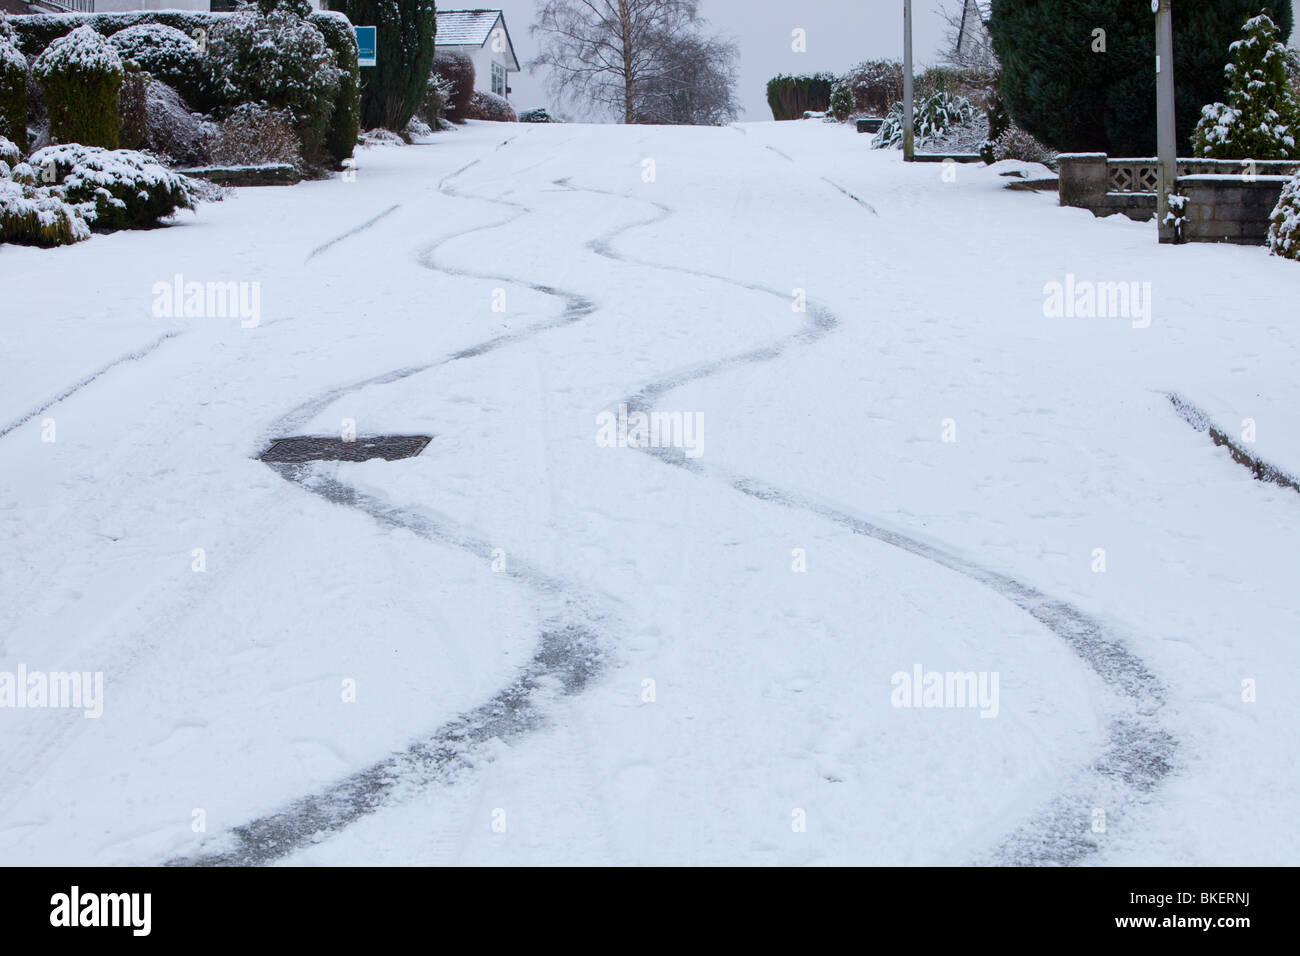 Marques de dérapage dans la neige, d'une voiture sur une route escarpée à Ambleside UK Photo Stock